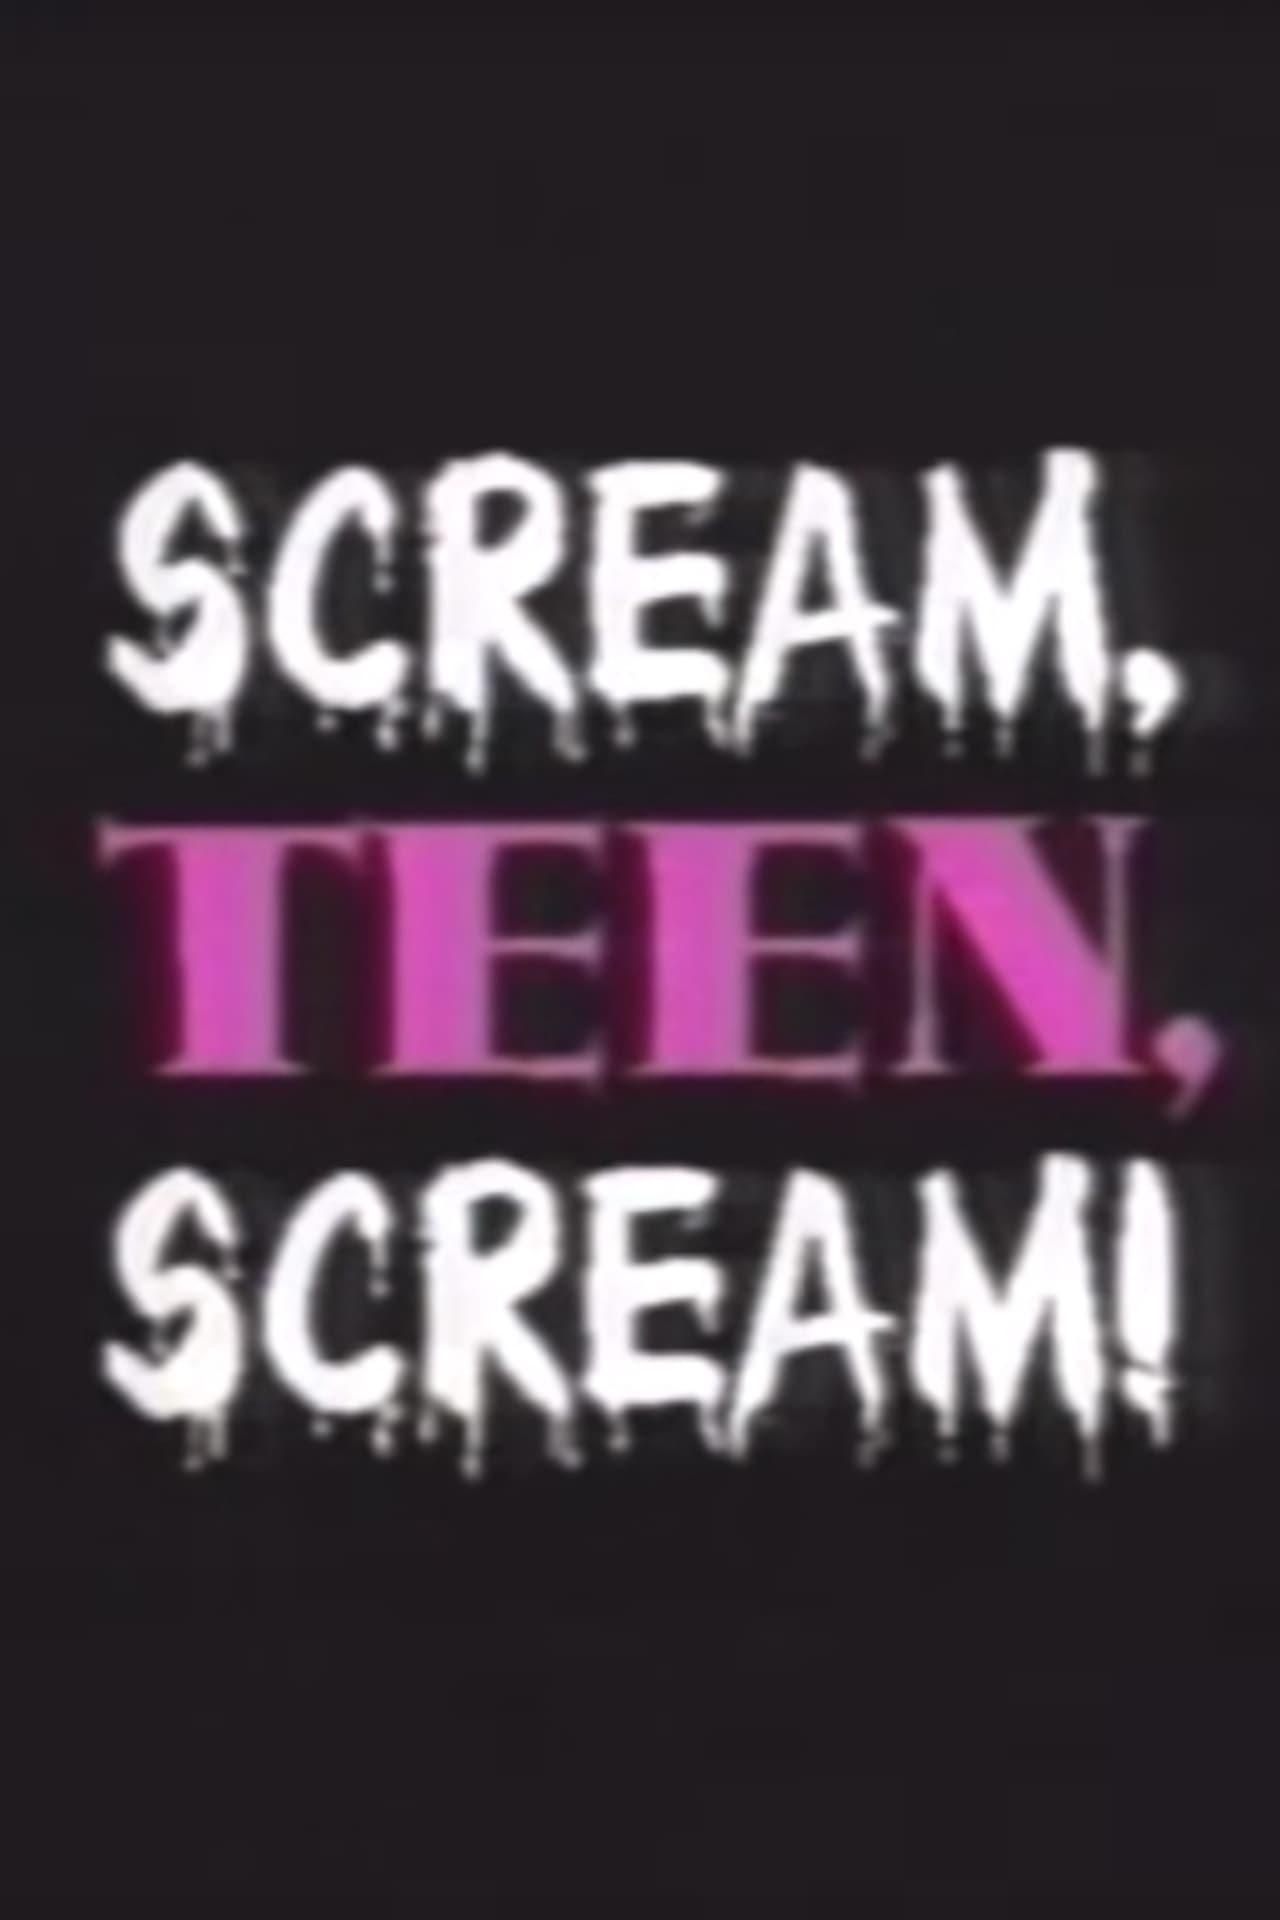 Scream, Teen, Scream!